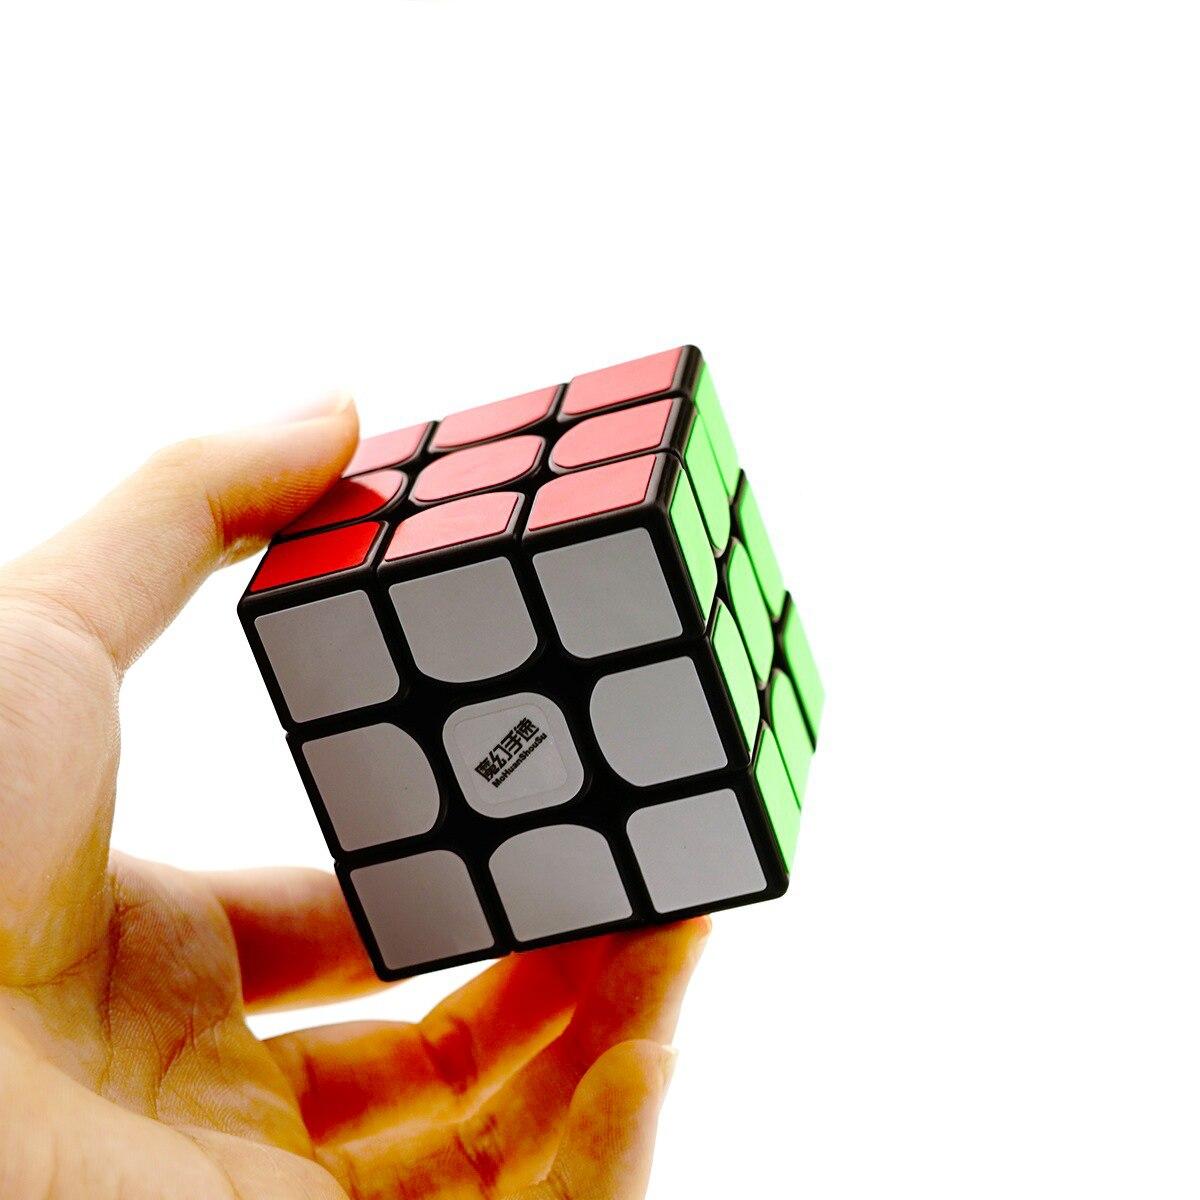 Cubos Mágicos jogo profissional 3 ordem cube Faixa Etária : 6 Anos de Idade, > 8 Anos de Idade Class=propery-des>8-11 Anos, 12-15 Anos, adultos, 6 Anos de Idade, 8 Anos de Idade&#8221; class=&#8221;img-responsive&#8221;/></p> </td> </tr> <tr> <th align=